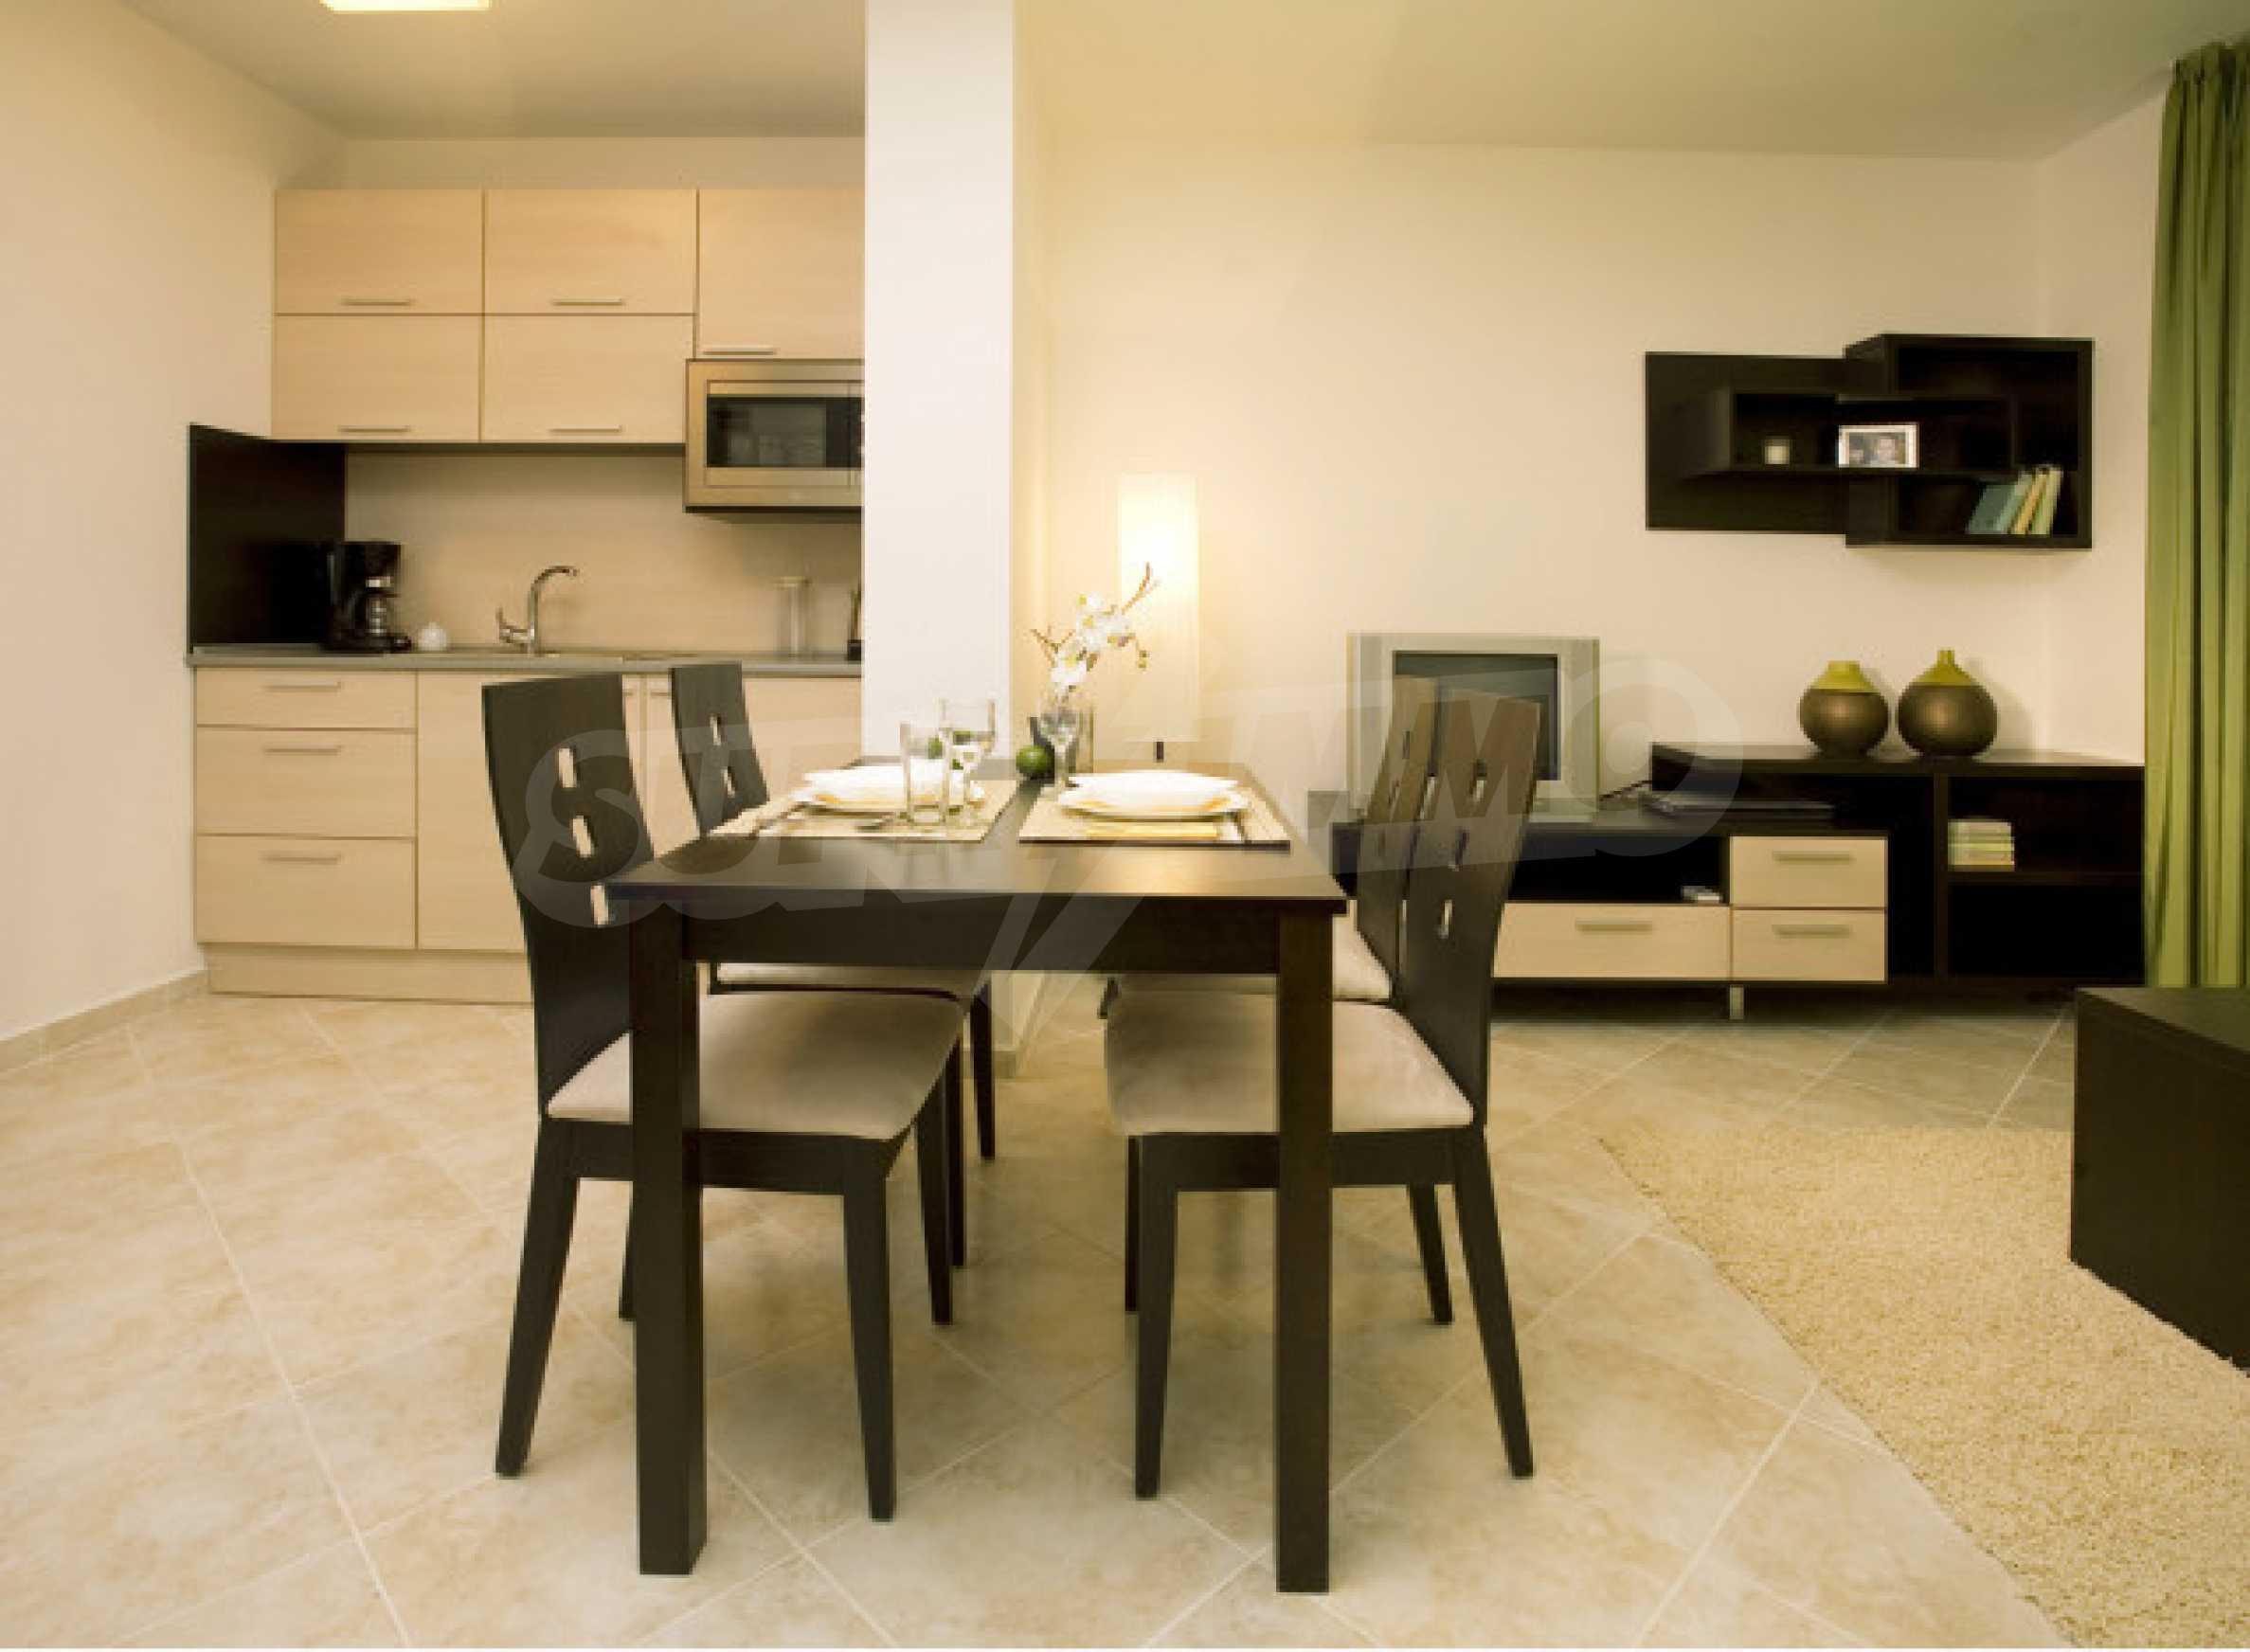 Sunset Kosharitsa - Apartments in einem attraktiven Berg- und Seekomplex, 5 Autominuten vom Sonnenstrand entfernt 52